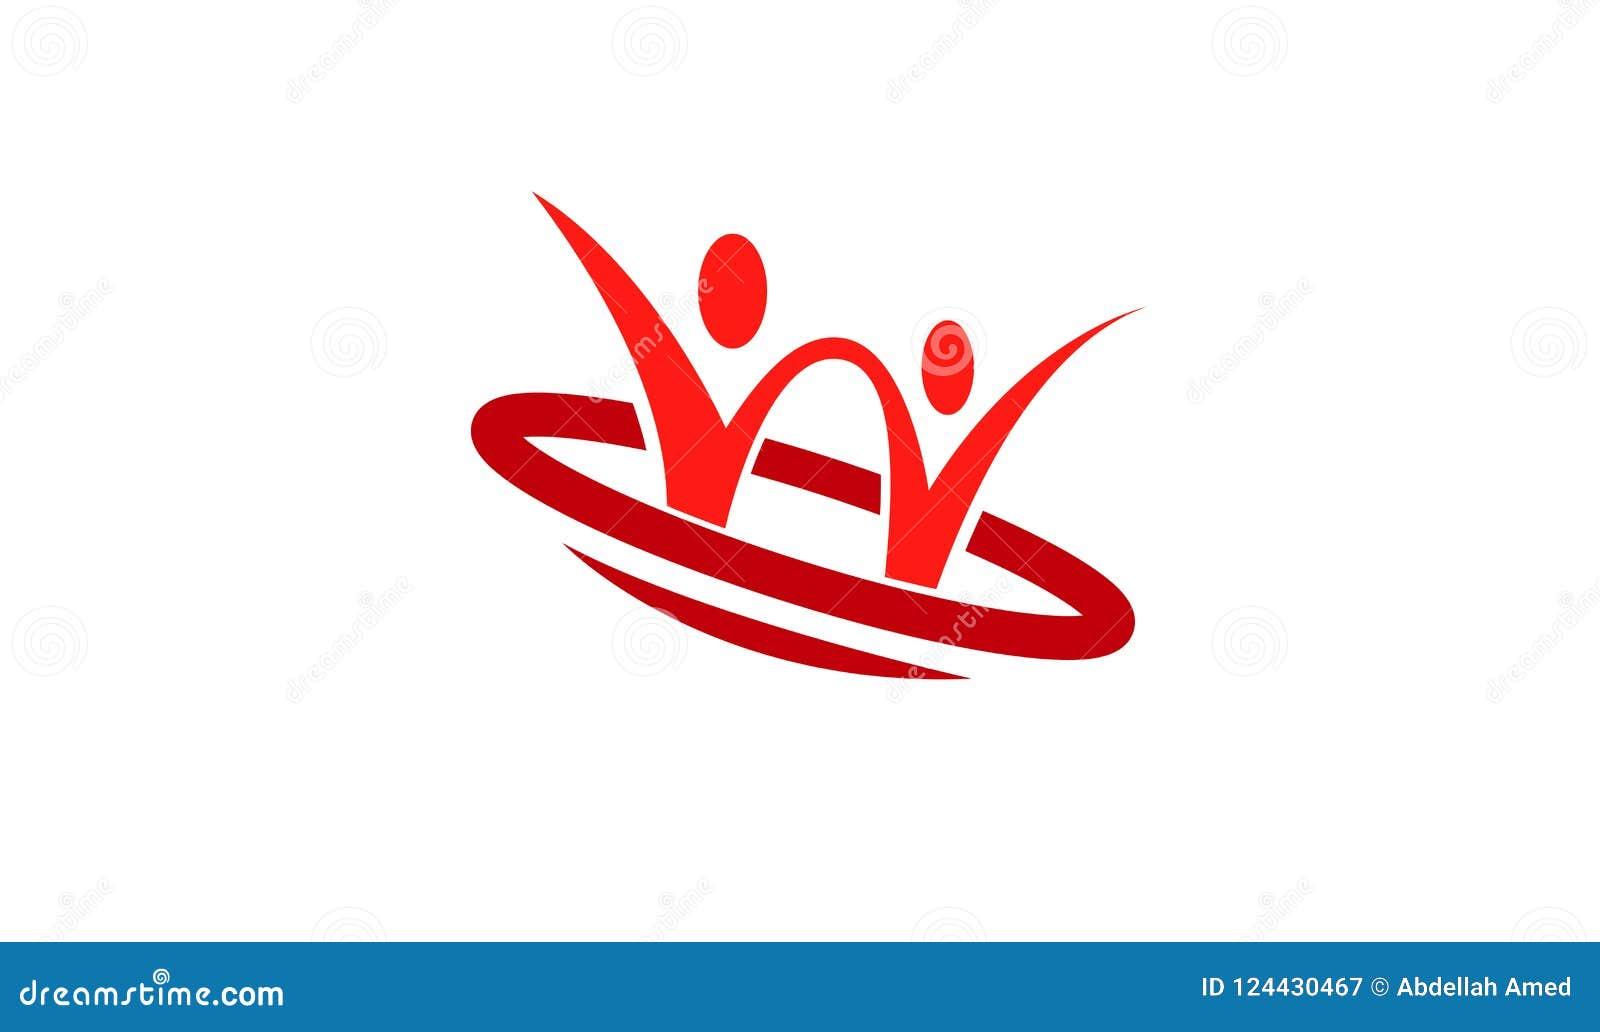 Carácter rojo Logo Design Illustration de dos pares